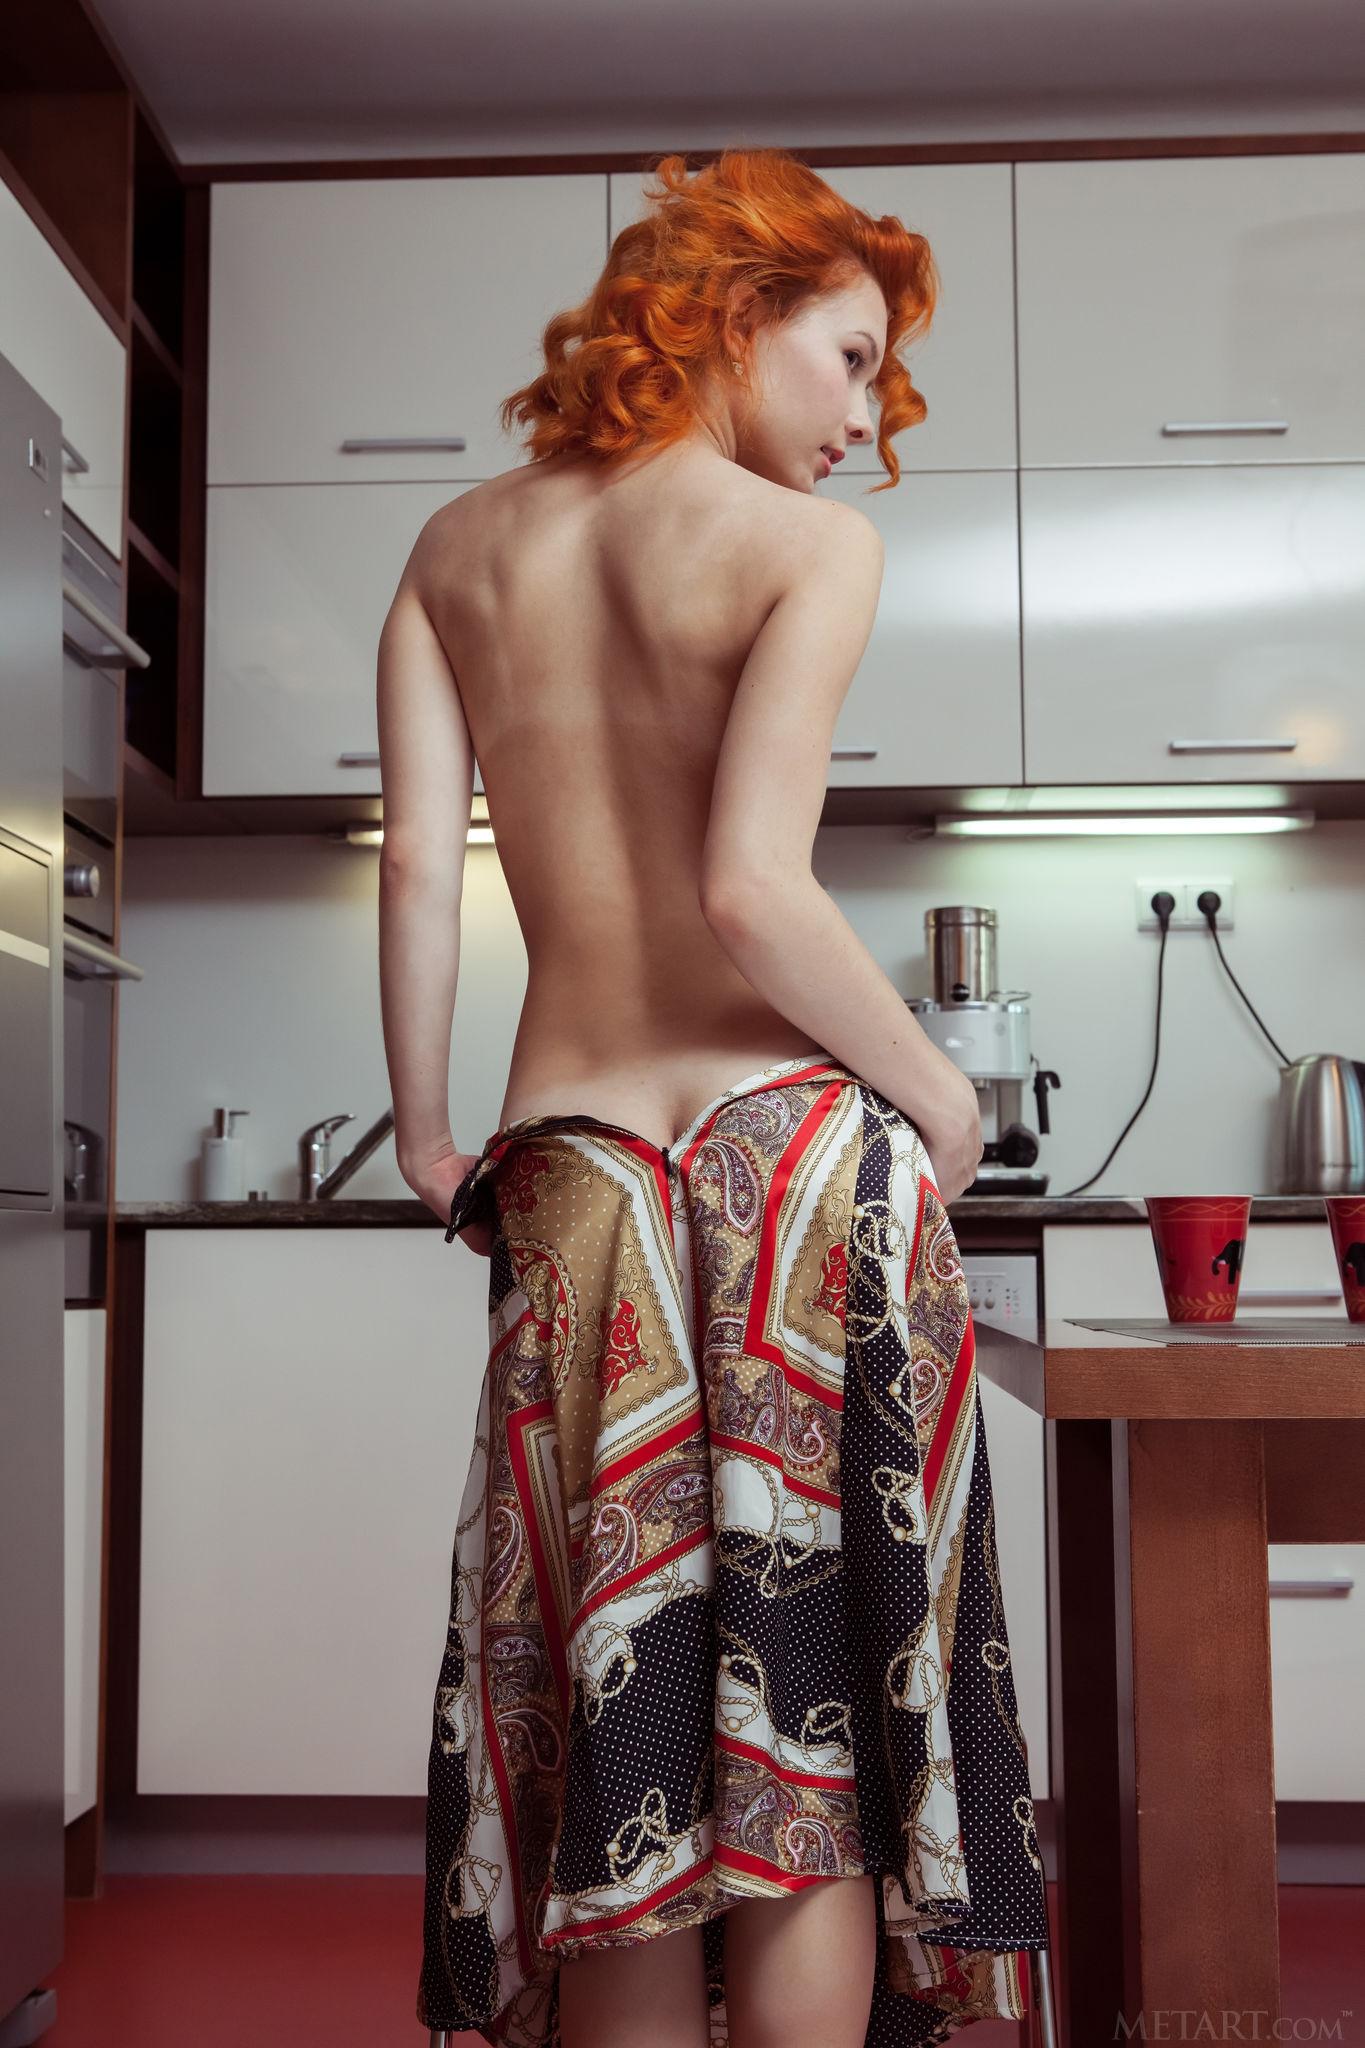 Лисичка На кухне